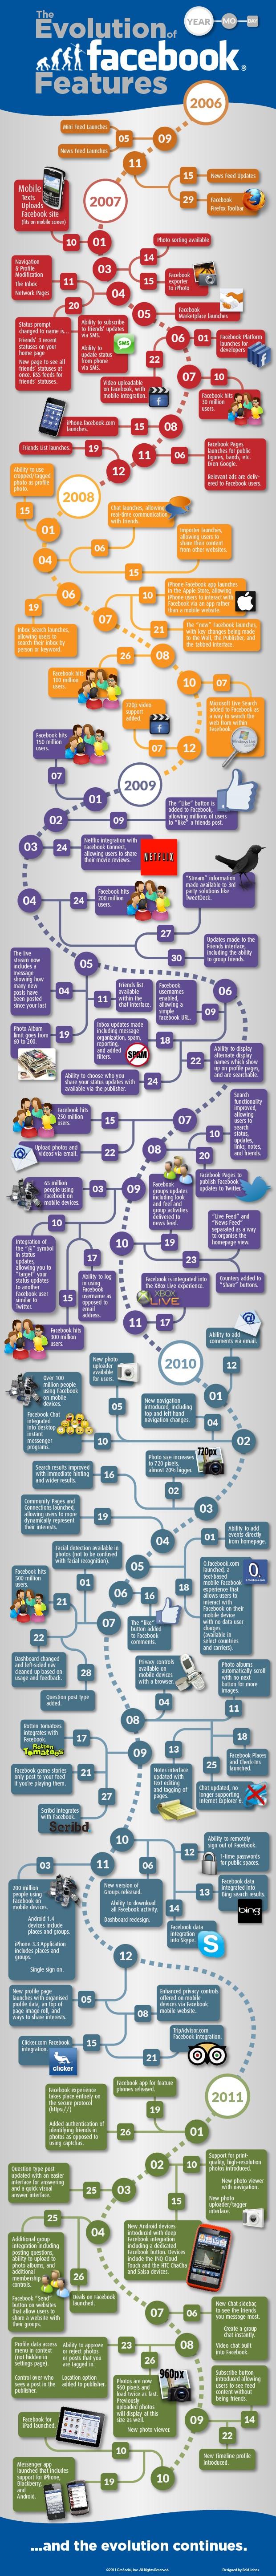 Evolution fonctionnalité Facebook